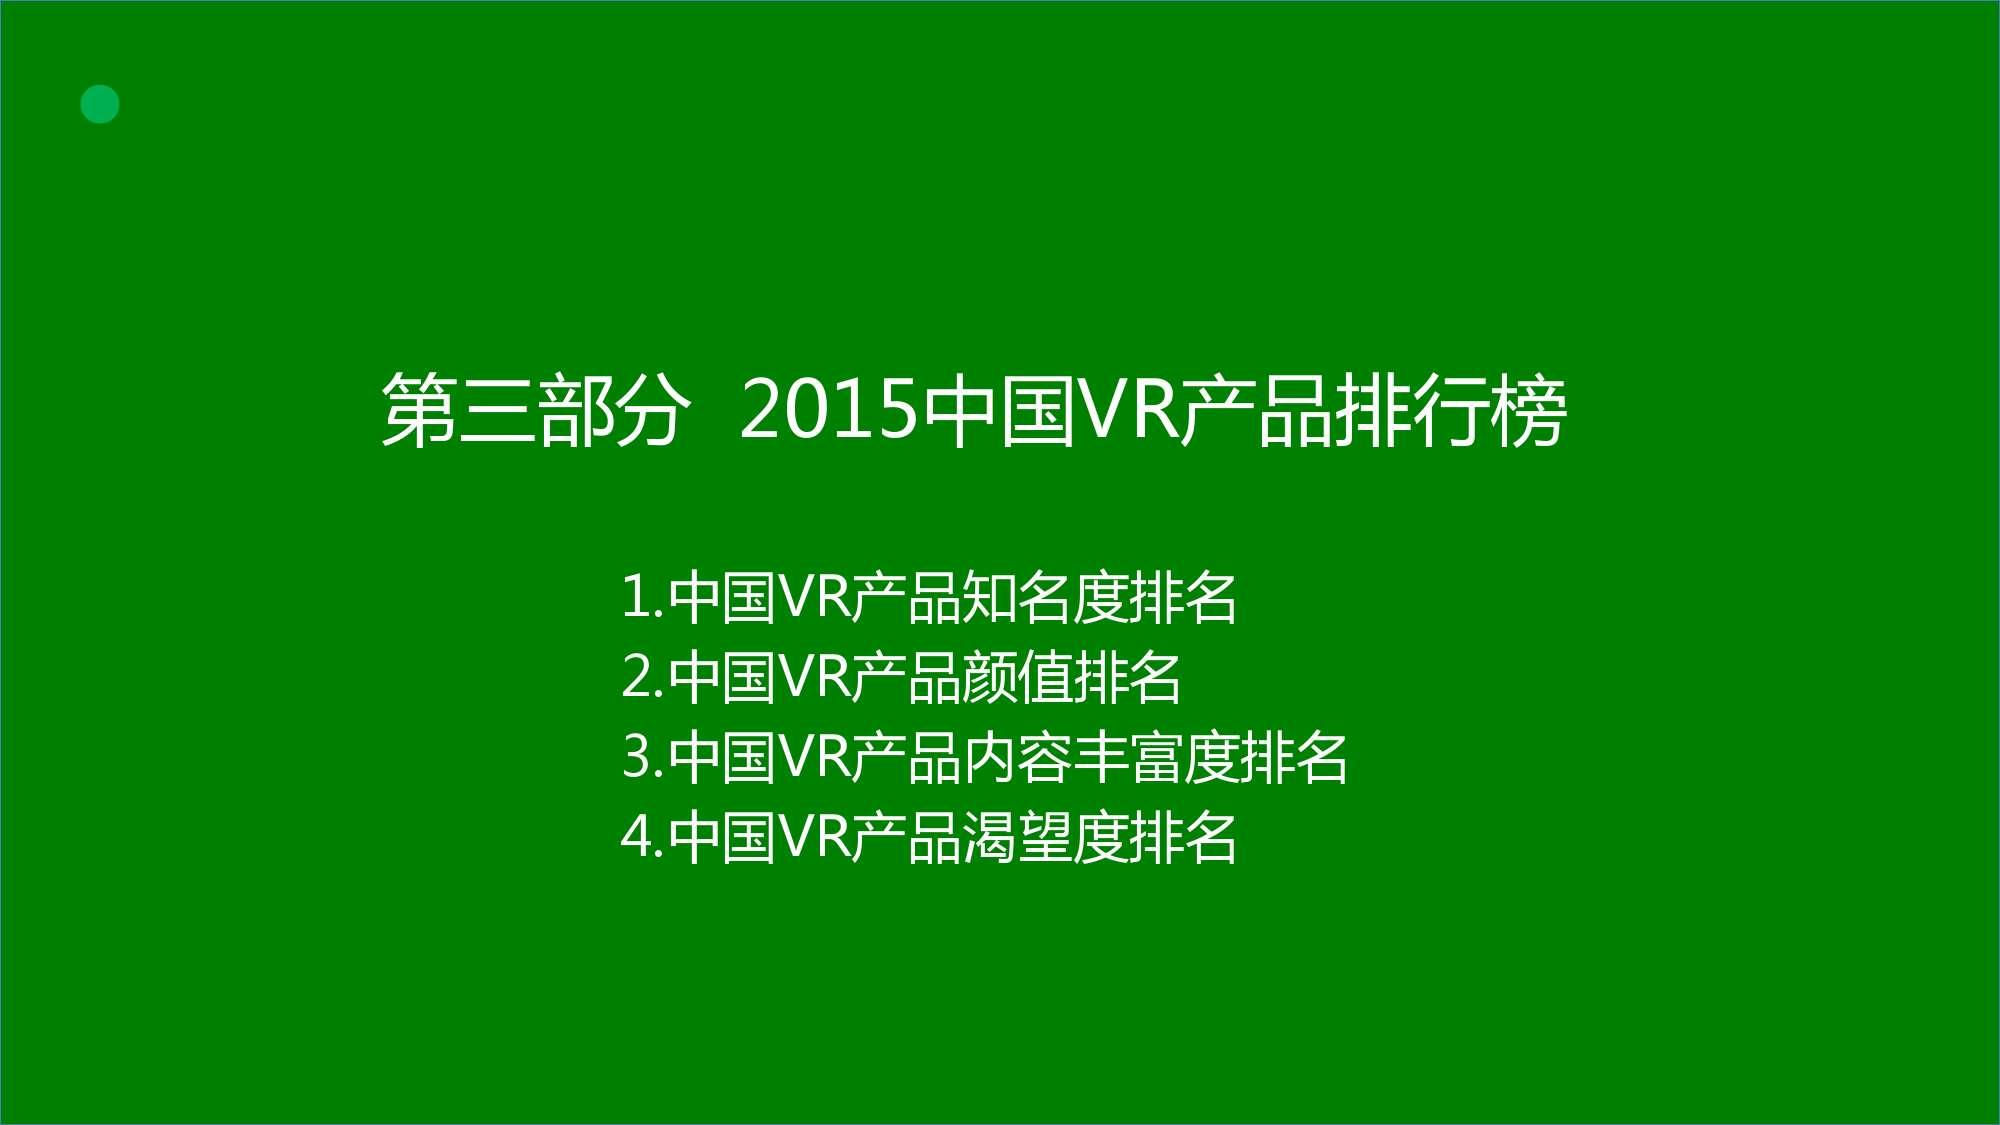 中国VR用户行为研究报告_000030